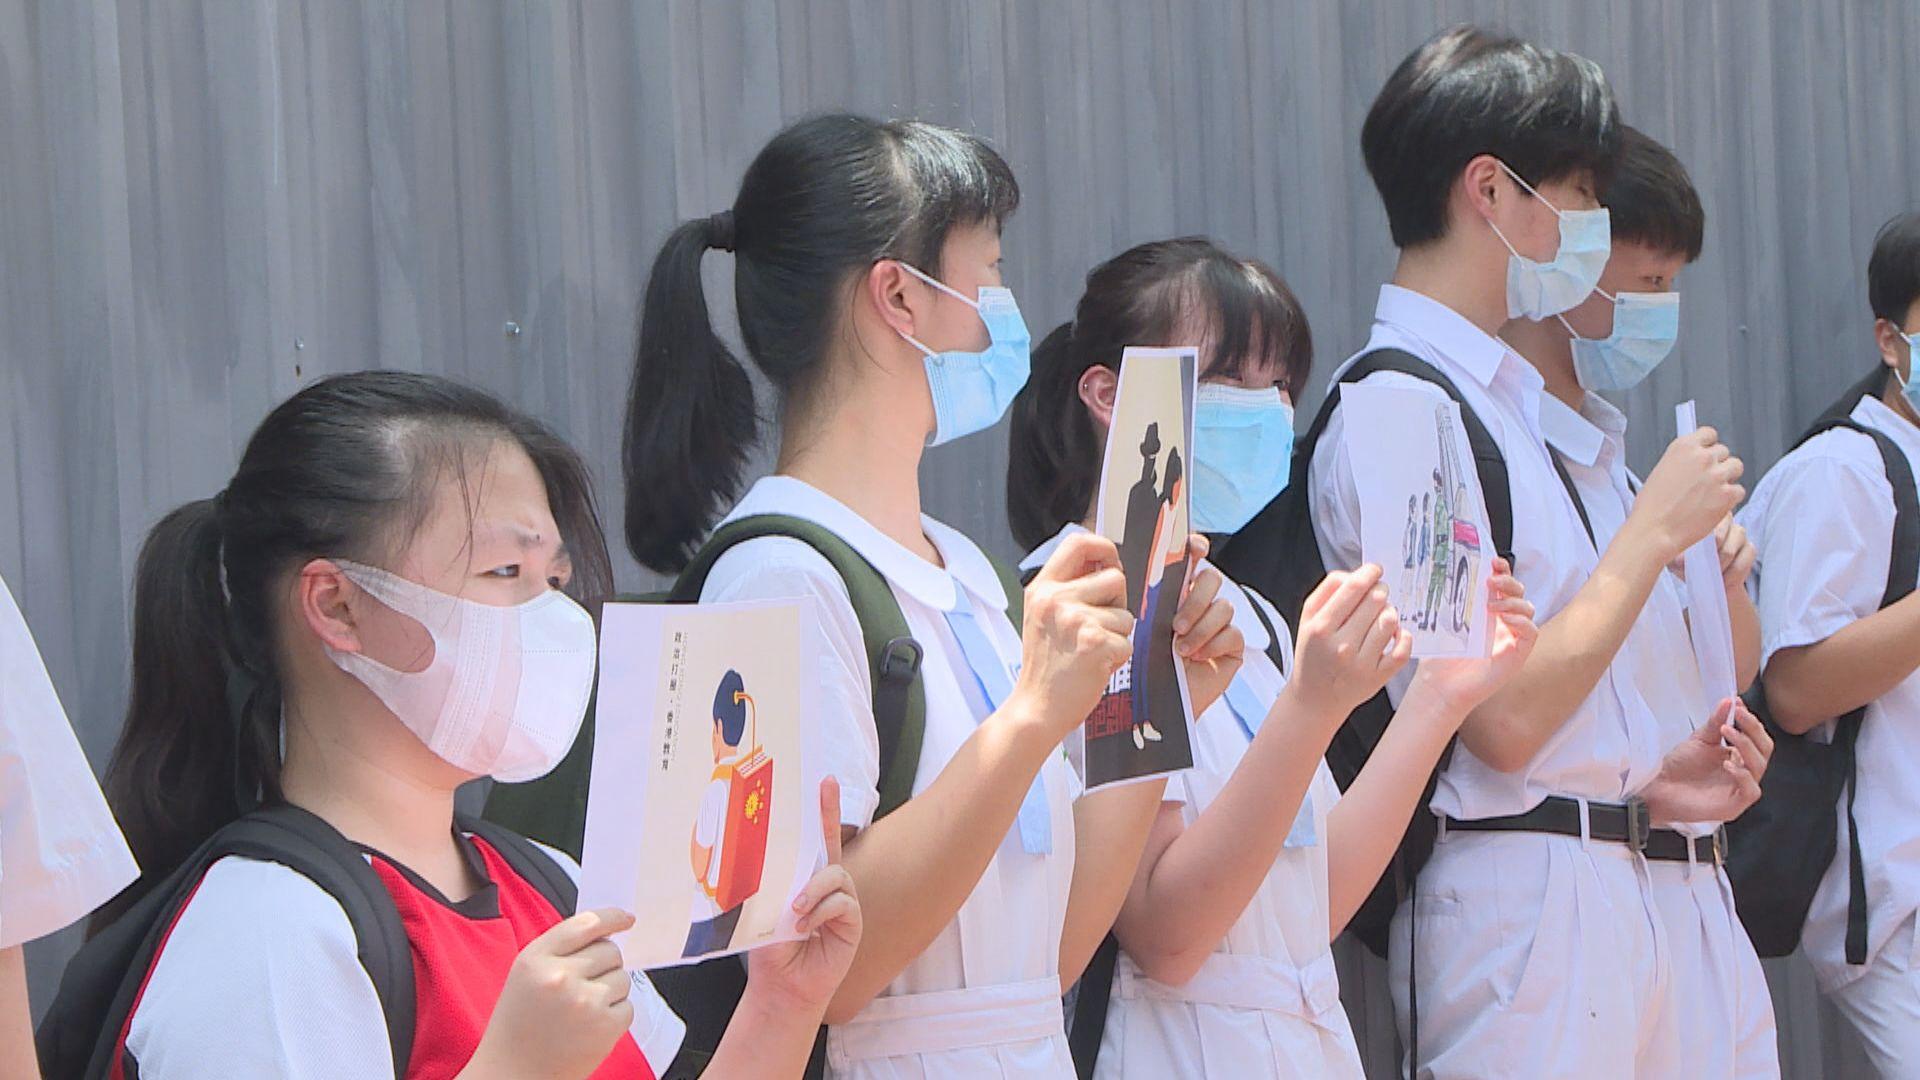 中學校長:實施國安教育增添學校及老師壓力